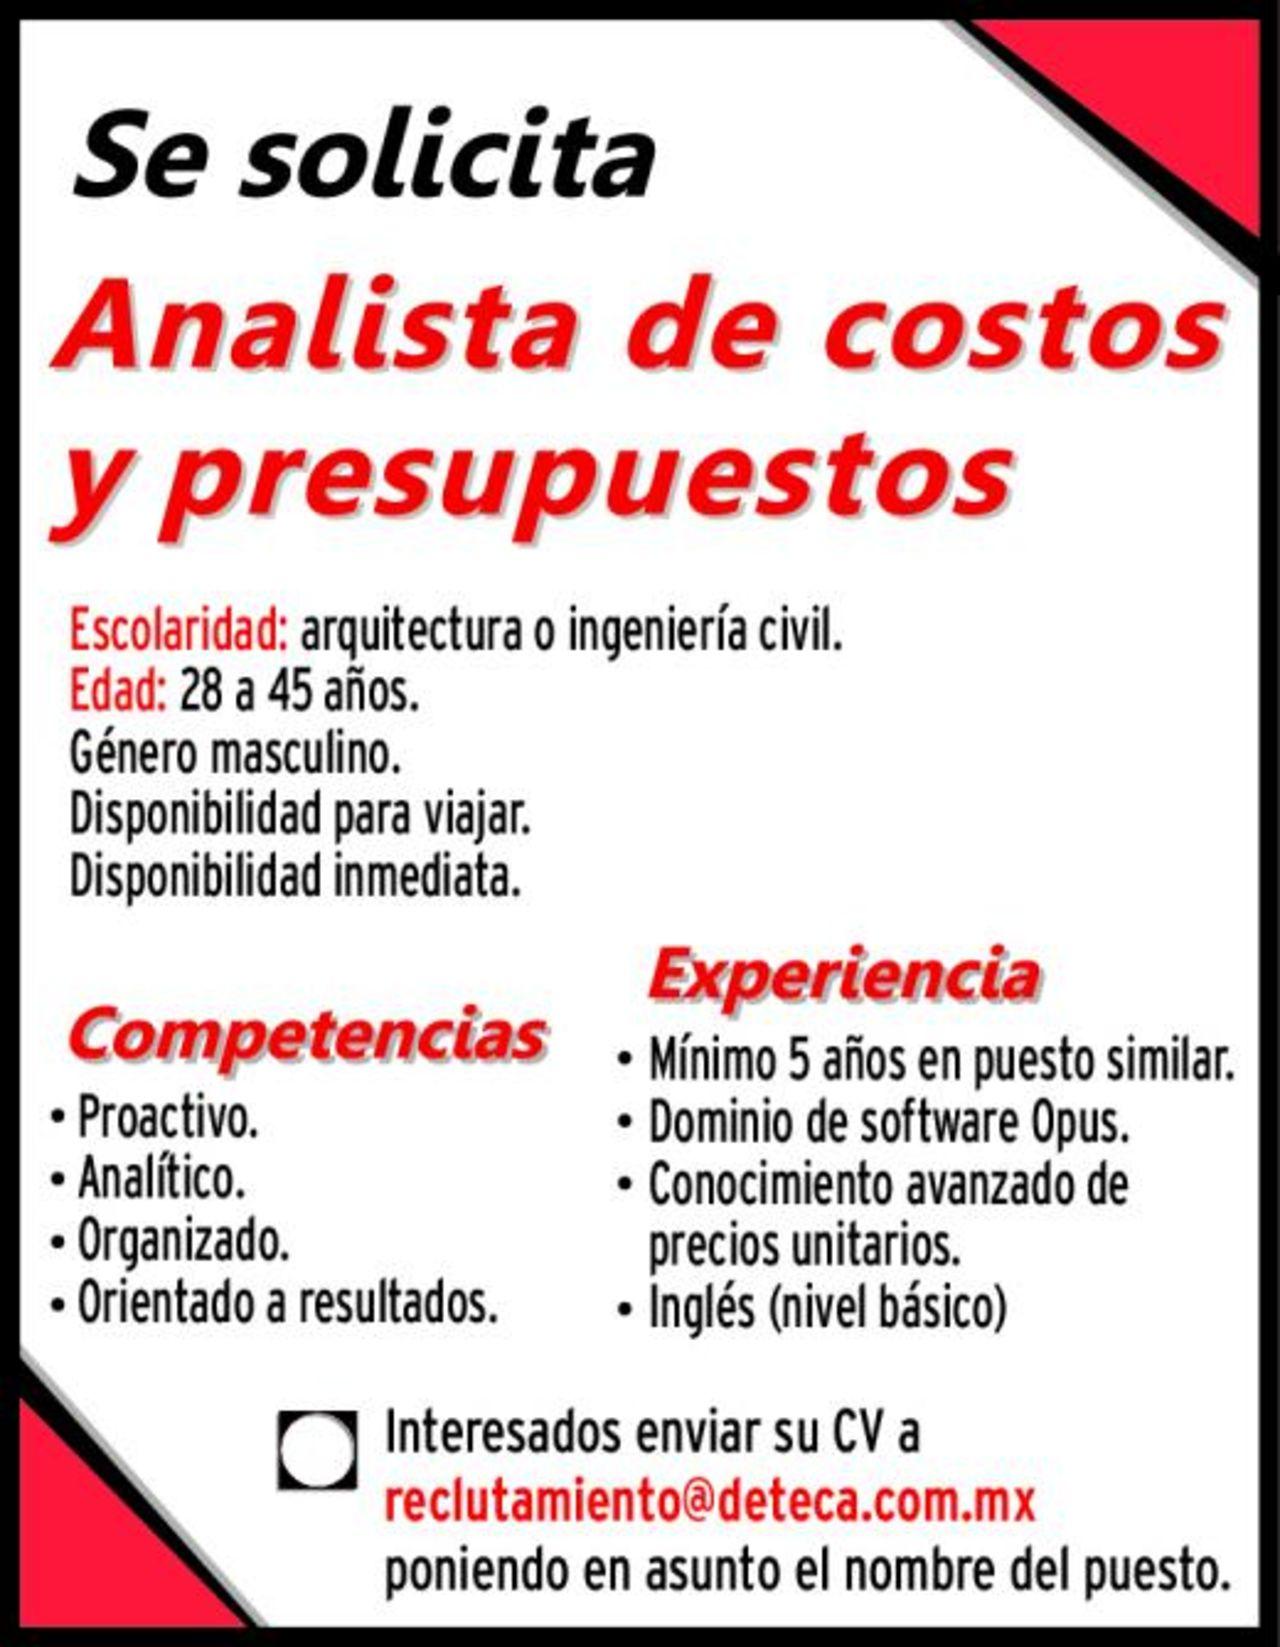 EMPLEO: Analista de costos y presupuestos - Torreón desplegados El ...